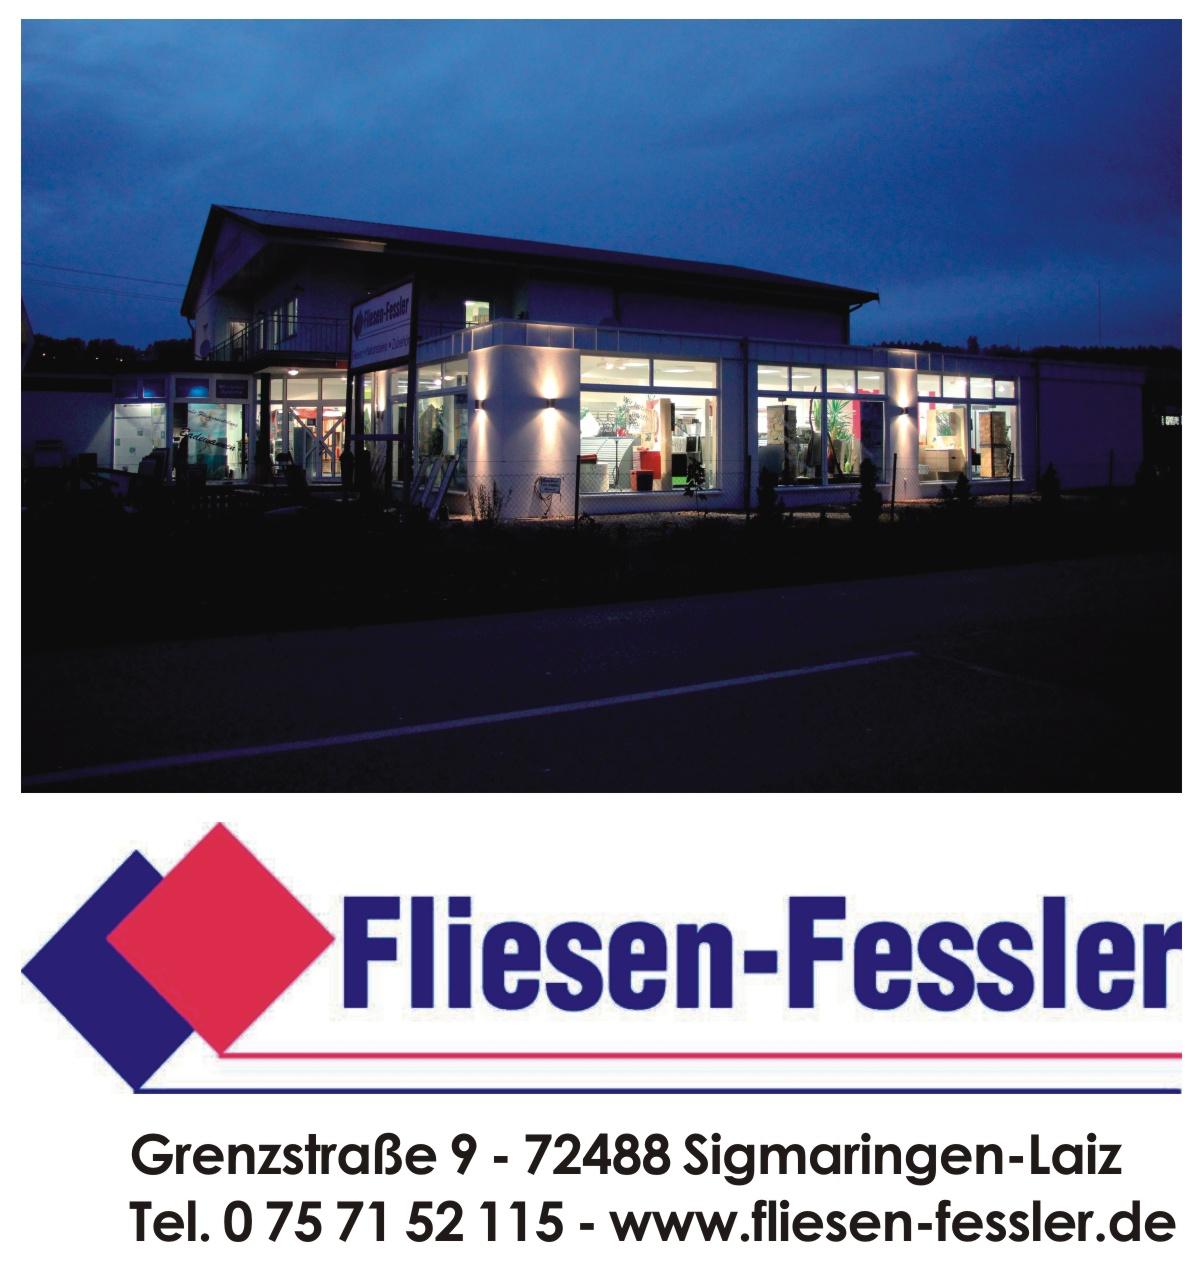 fliesen-fessler-01